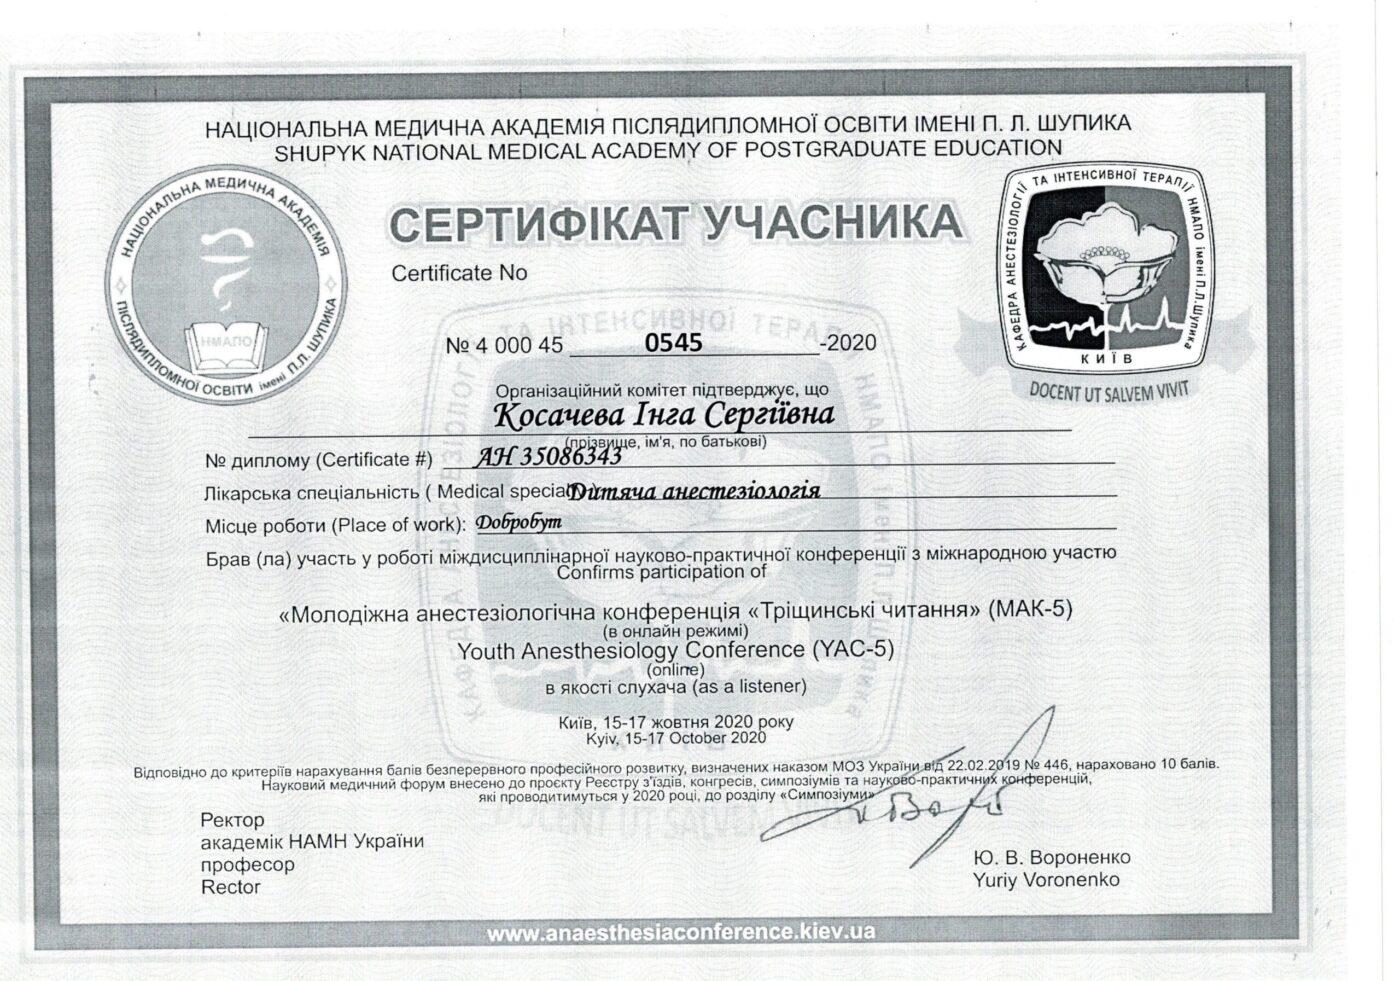 Сертификат подтверждающий участие Косачевой Инги в - Международная анестезиологическая конференция